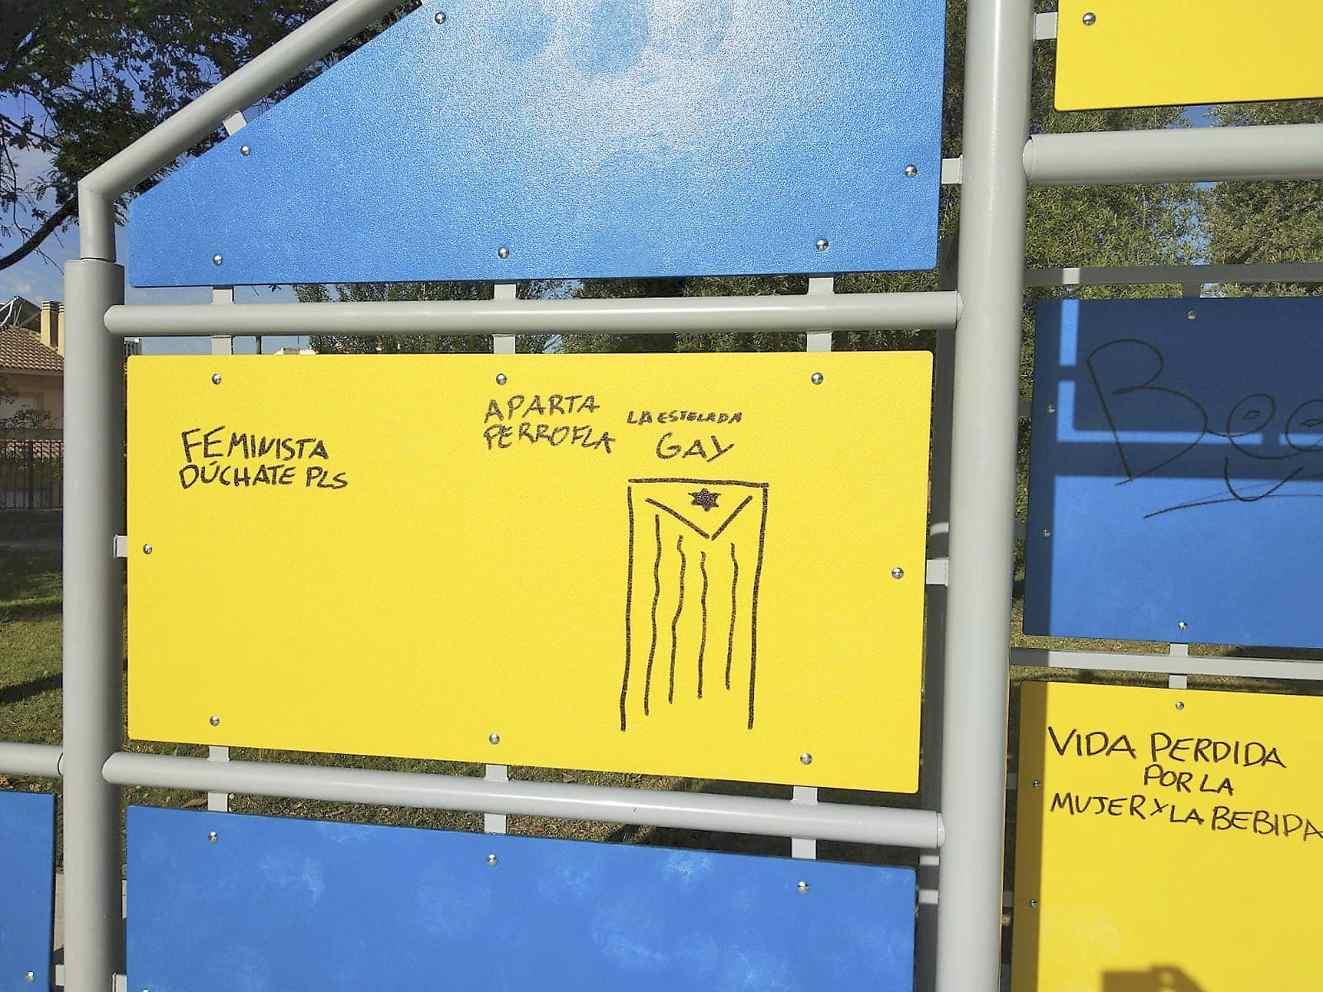 La Policía Local de Onil investiga las pintadas en la nueva pista multideportiva del Parque Municipal para localizar a los autores